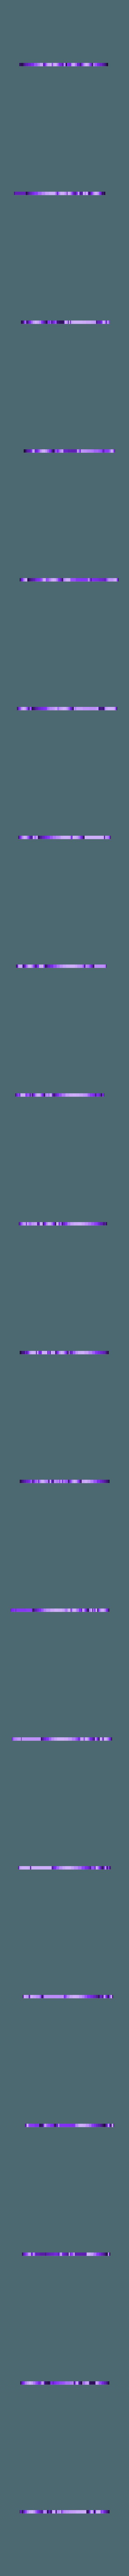 stella face.stl Télécharger fichier STL Lot 6 ornements Paw Patrol • Plan imprimable en 3D, DG22